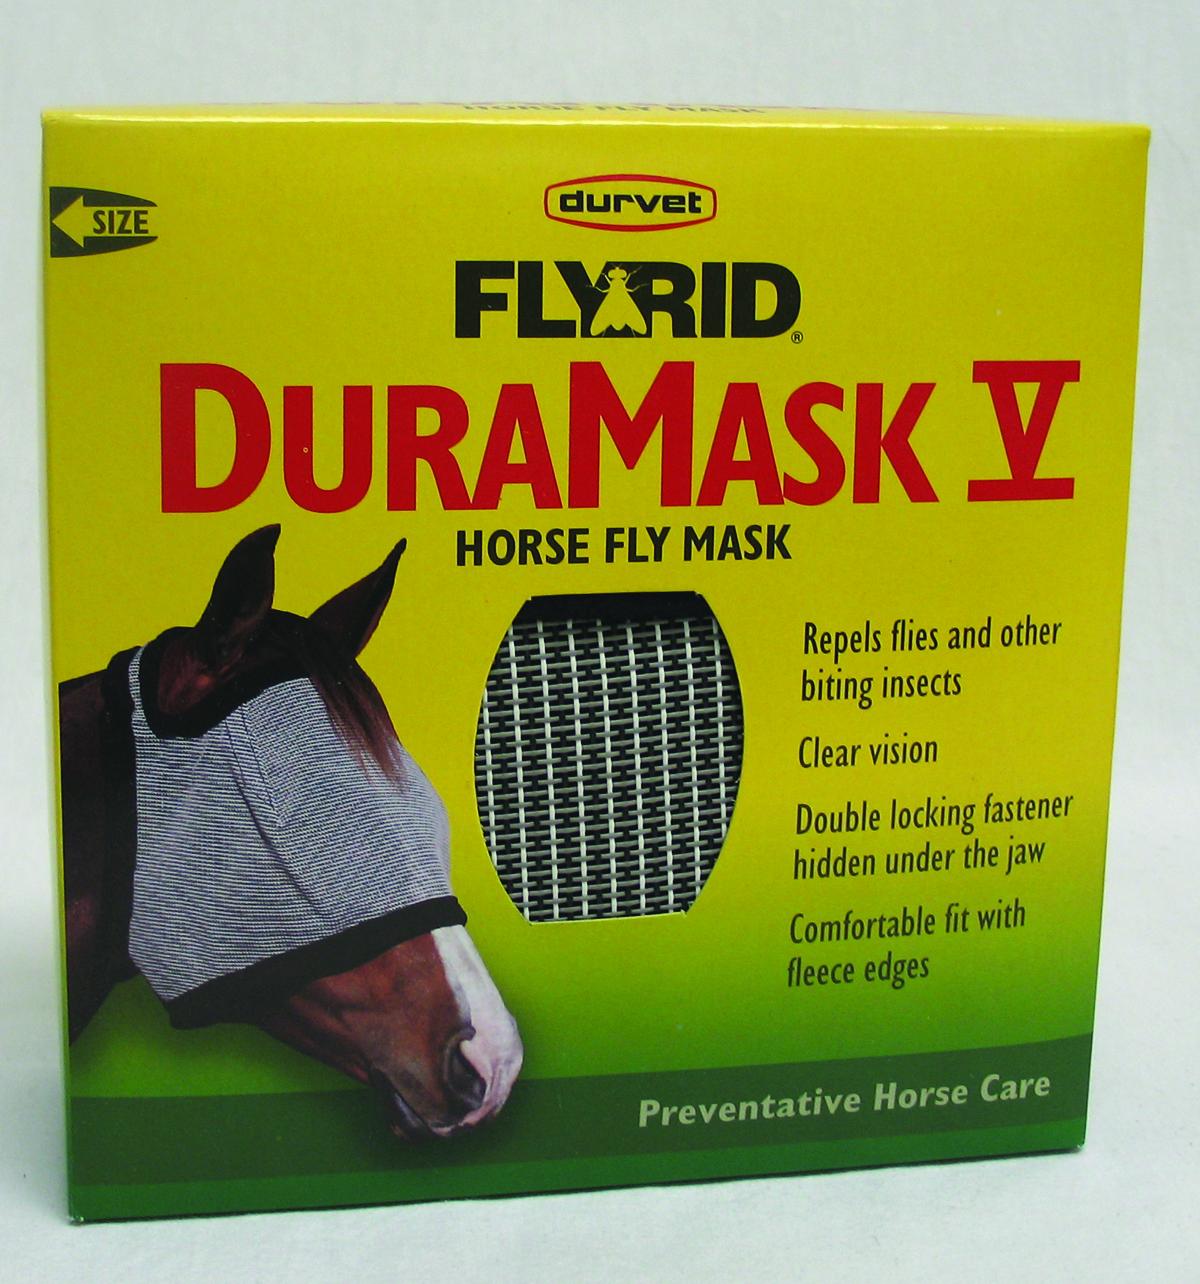 Durvet Duramask Fly Mask